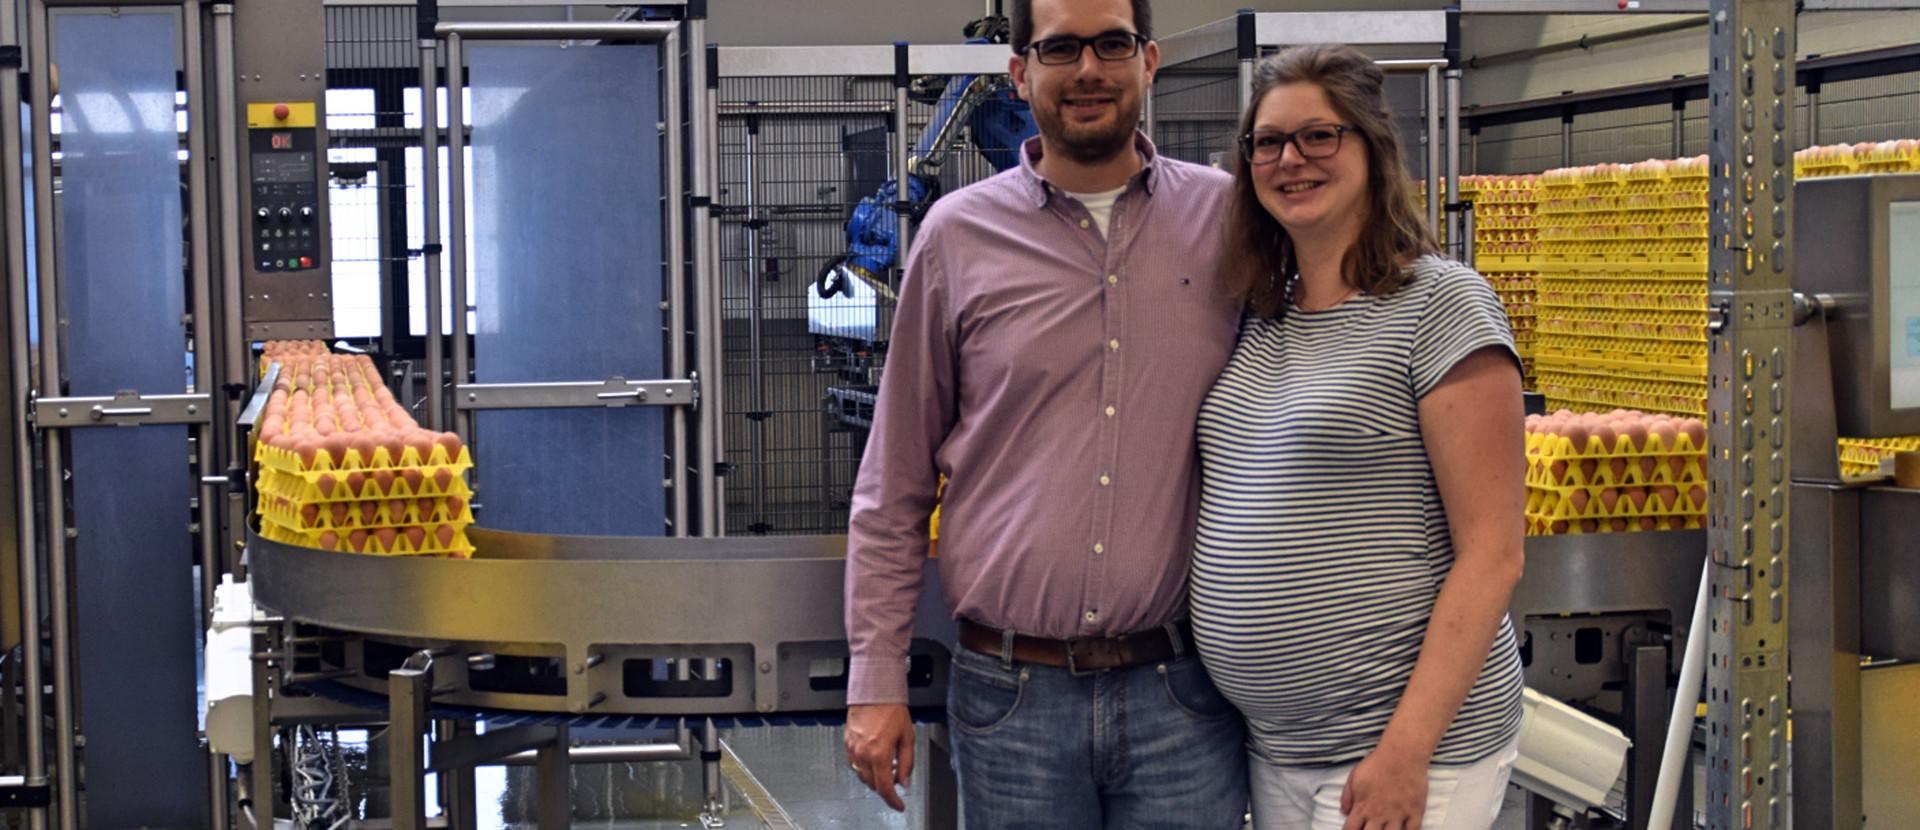 Betriebsleiter und Betriebsleiterin stehen vor einem Förderband, welches Eier in einen Lagerraum transportiert